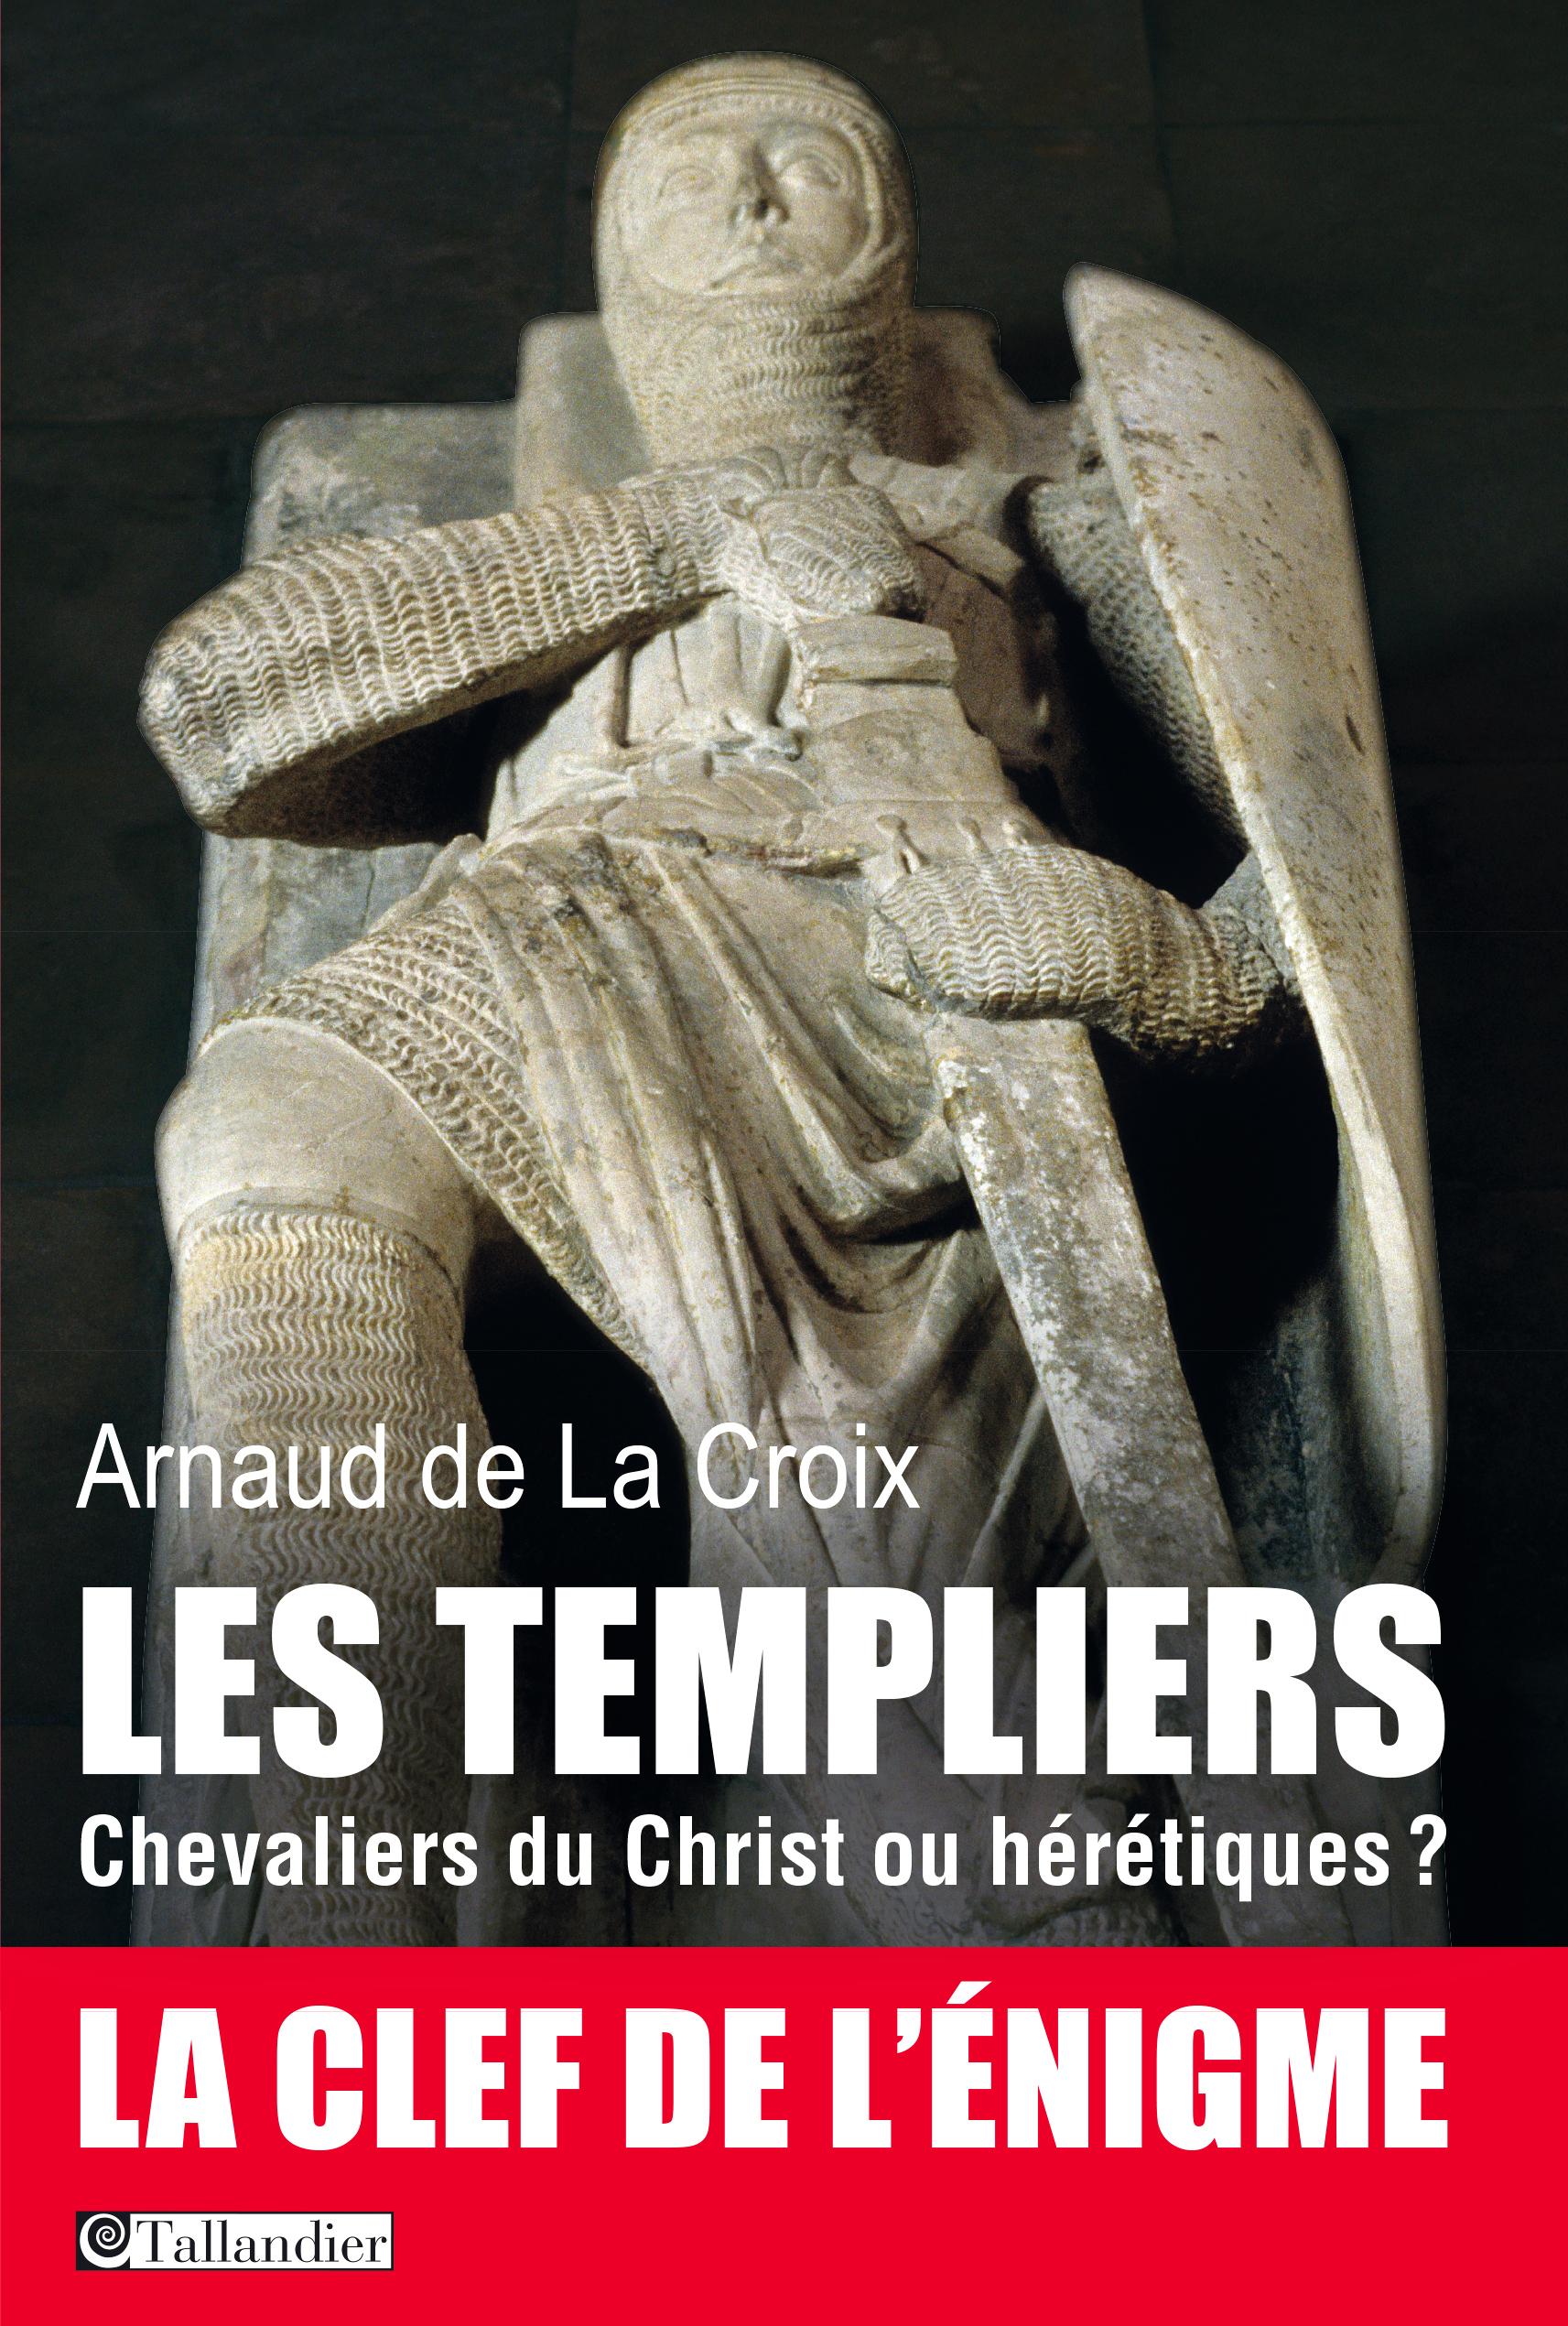 Les templiers, Chevaliers du Christ ou hérétiques?